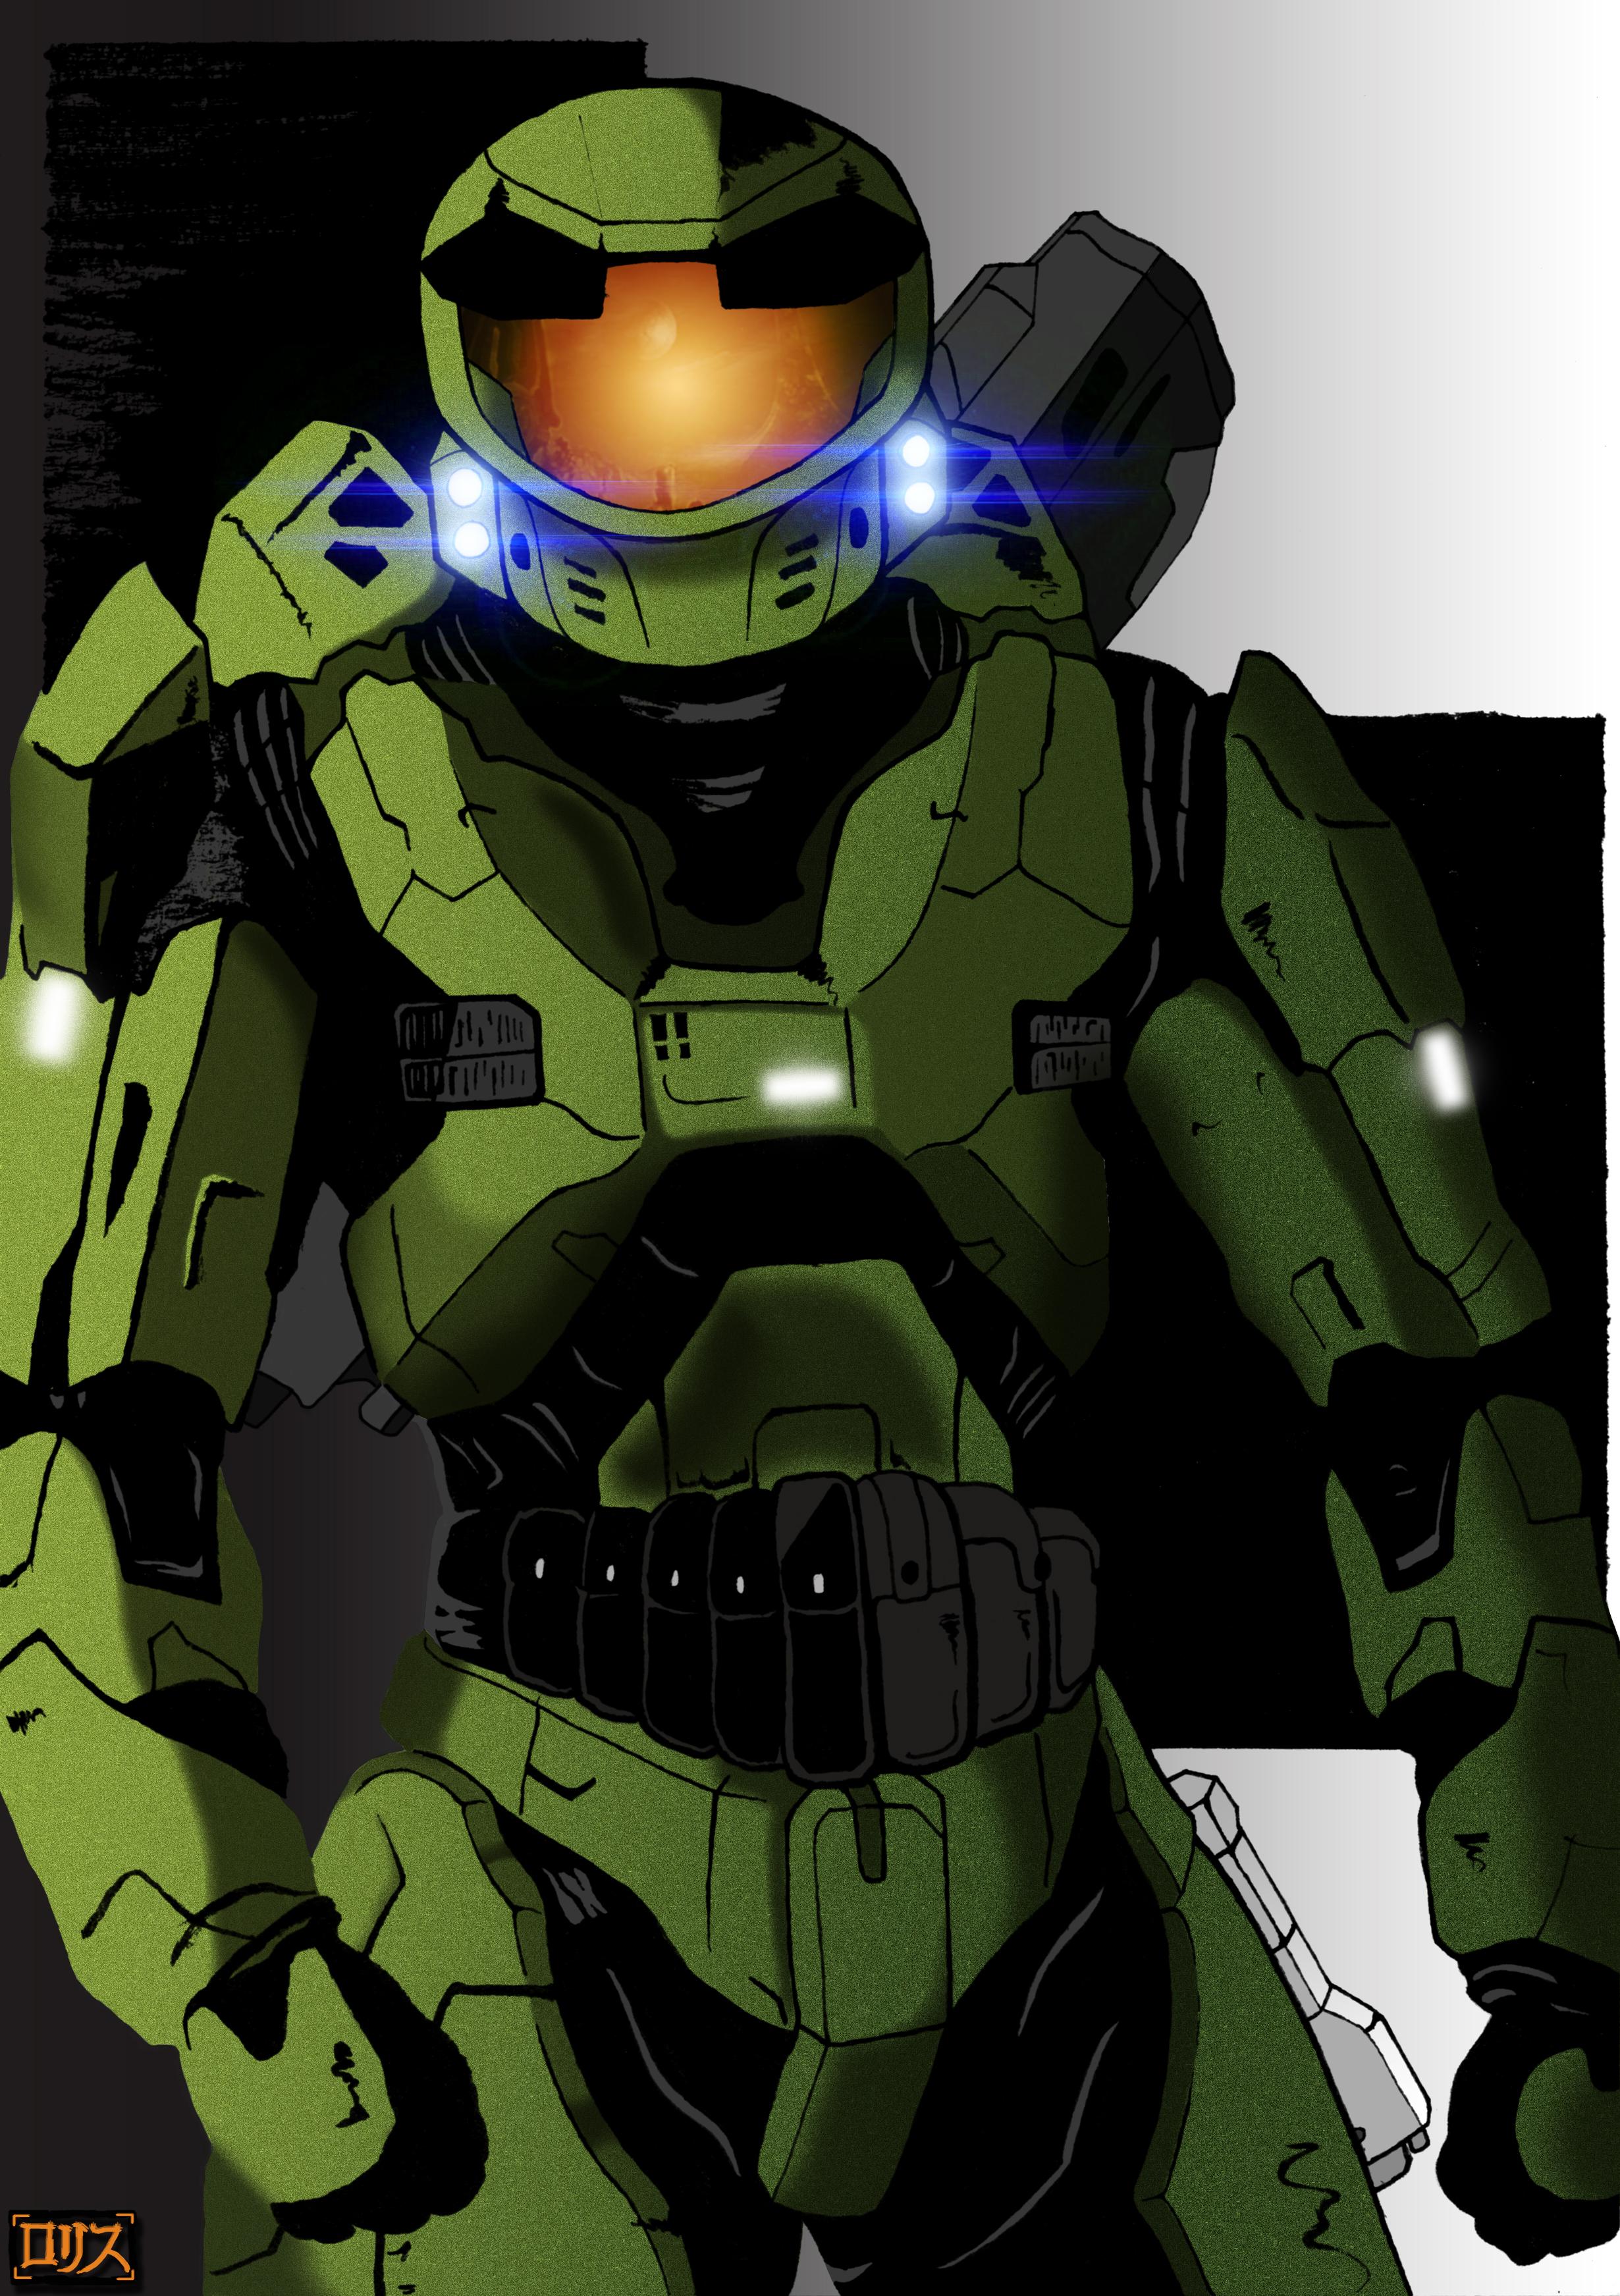 Spartan II MJOLNIR mk V by Rorisu